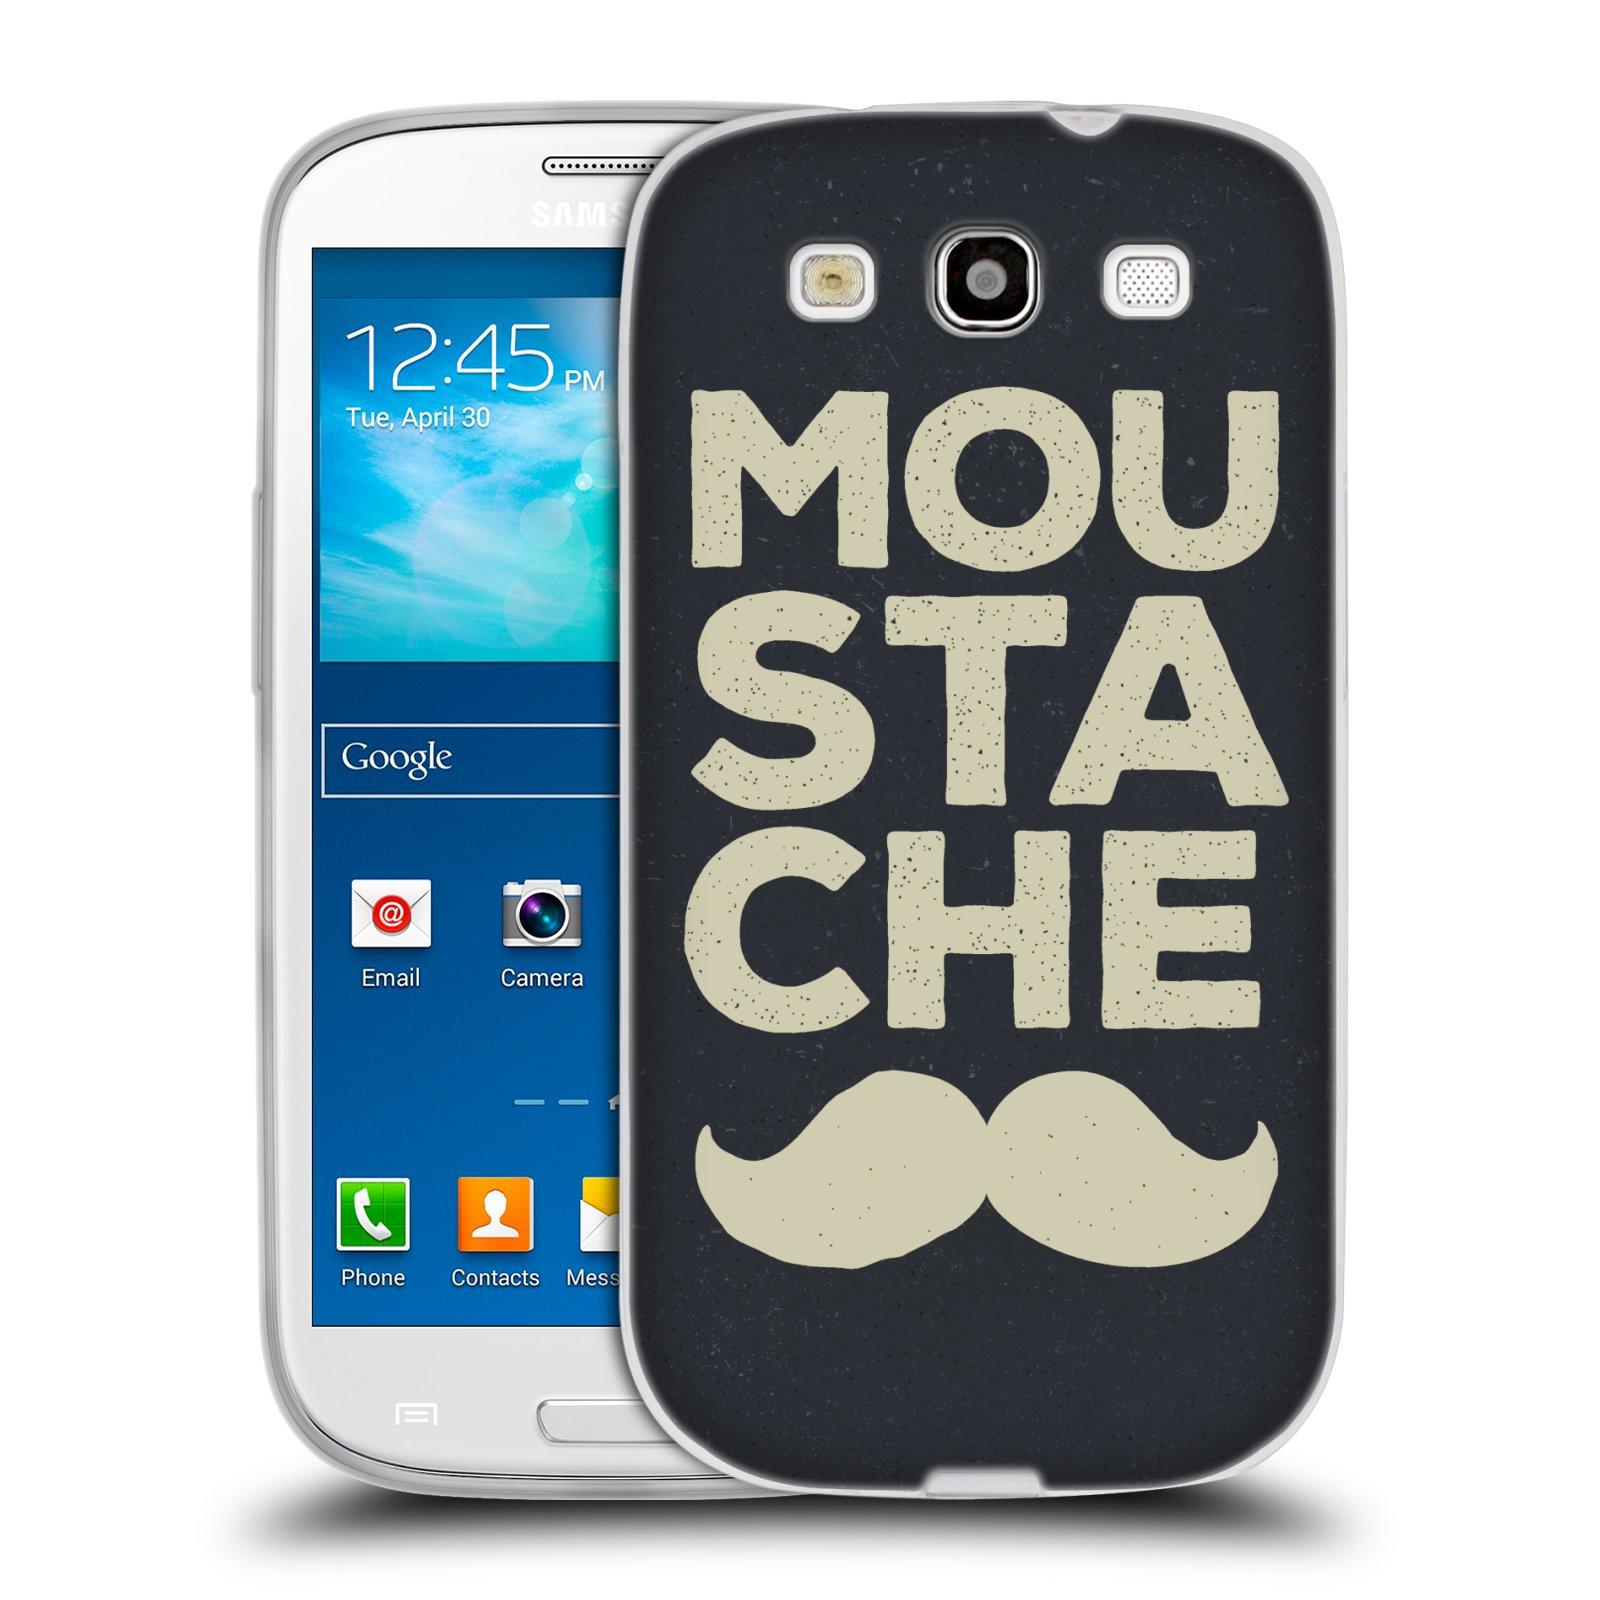 Silikonové pouzdro na mobil Samsung Galaxy S3 Neo HEAD CASE KNÍR MOU STA CHE (Silikonový kryt či obal na mobilní telefon Samsung Galaxy S3 Neo GT-i9301i)